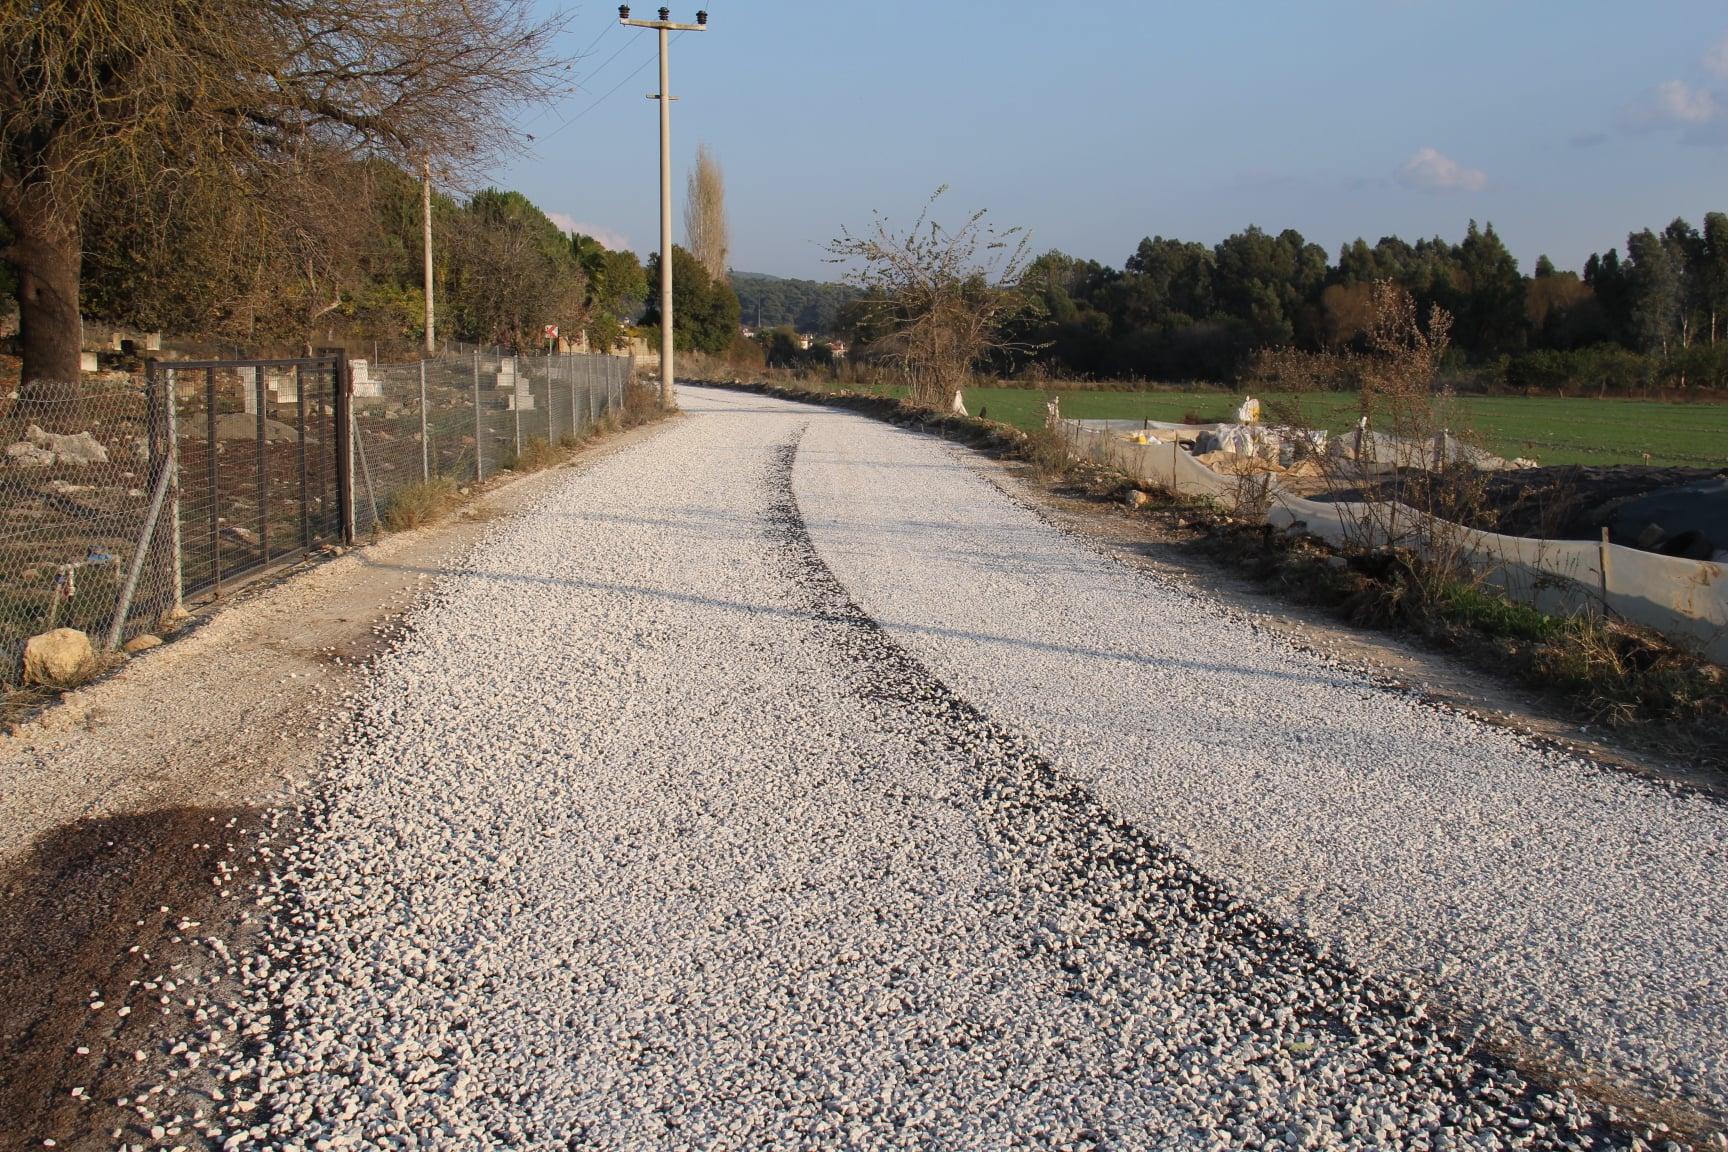 Gökova Mahallemiz Uğur Mumcu Caddesi Ve Gültekin Palabıyık Sokakta Yaklaşık 2.5 Kilometrelik Asfalt Kaplama Çalışmalarımız Tamamlandı.